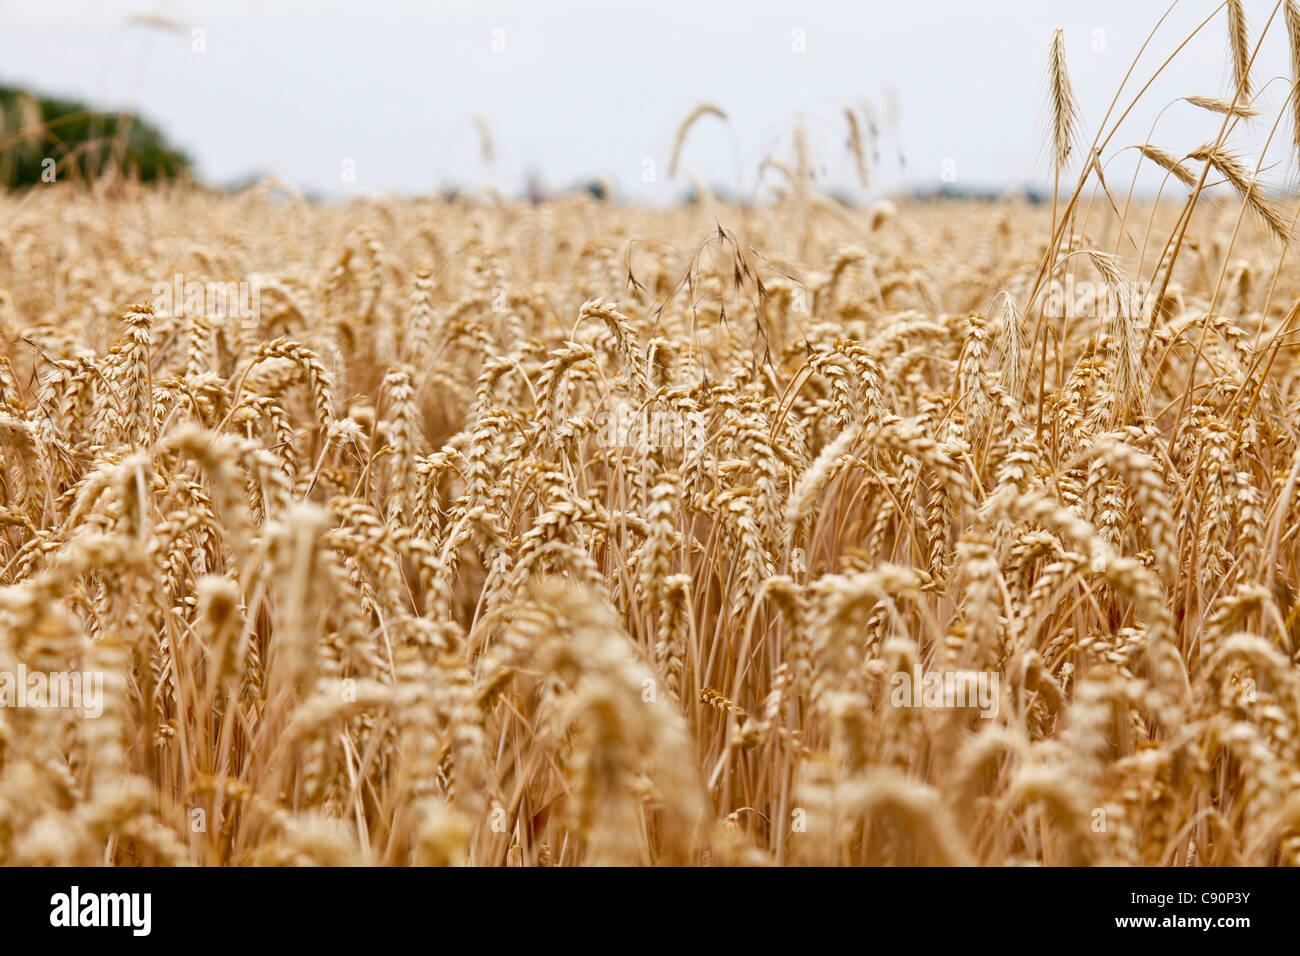 Wheatfield, Usedom island, Mecklenburg-Western Pomerania, Germany - Stock Image